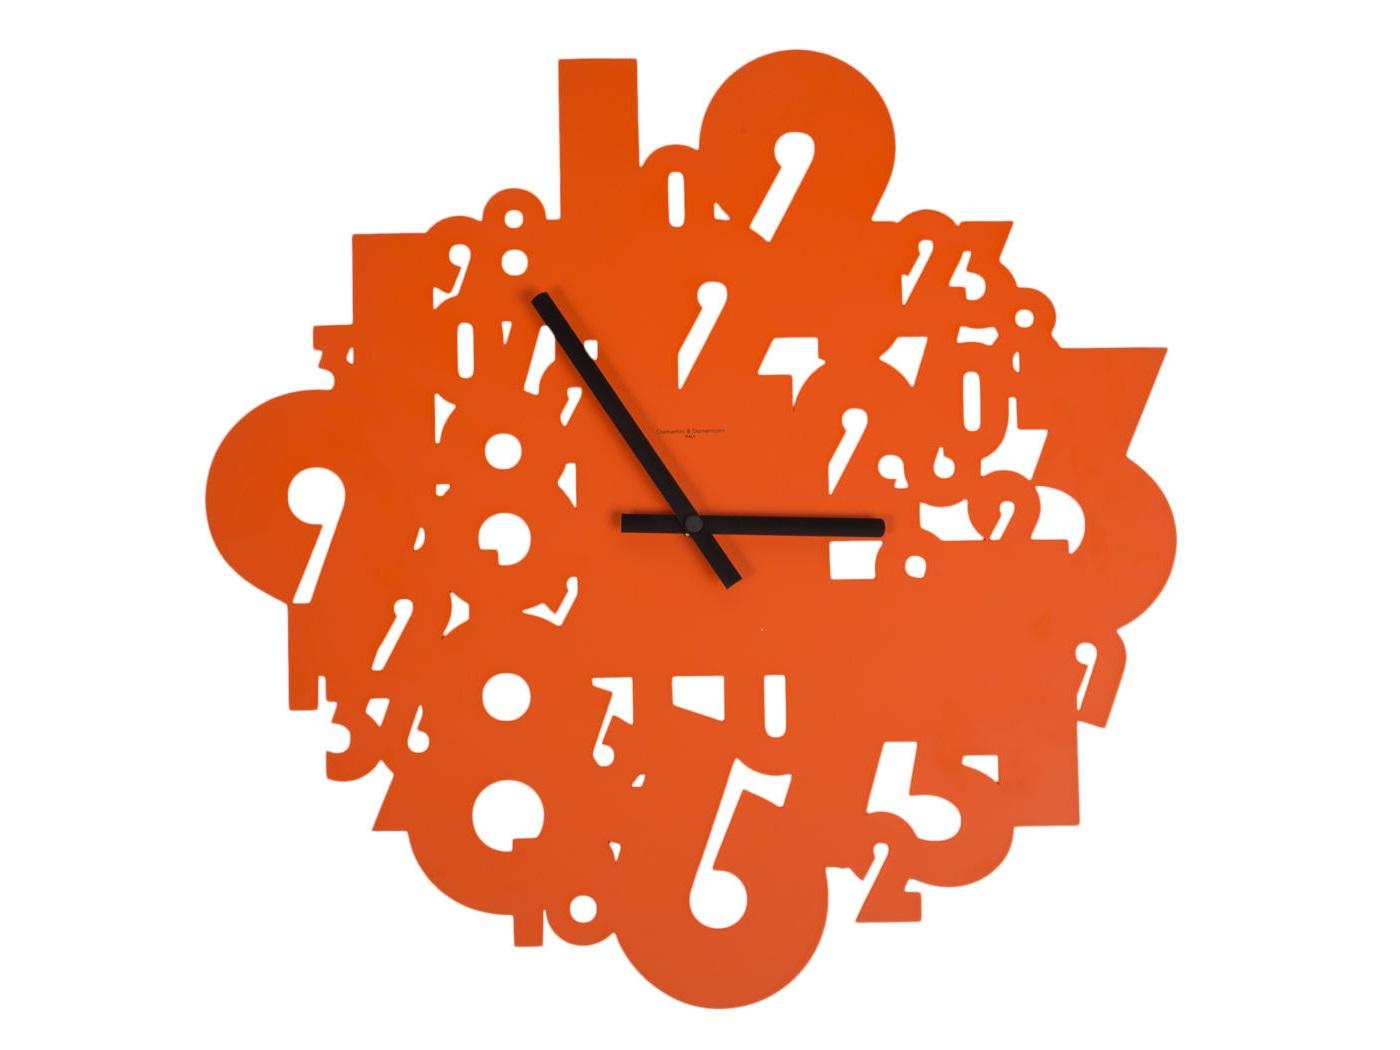 Часы настенные ShowtimeНастенные часы<br>Кварцевый механизм<br><br>Material: Металл<br>Глубина см: 2